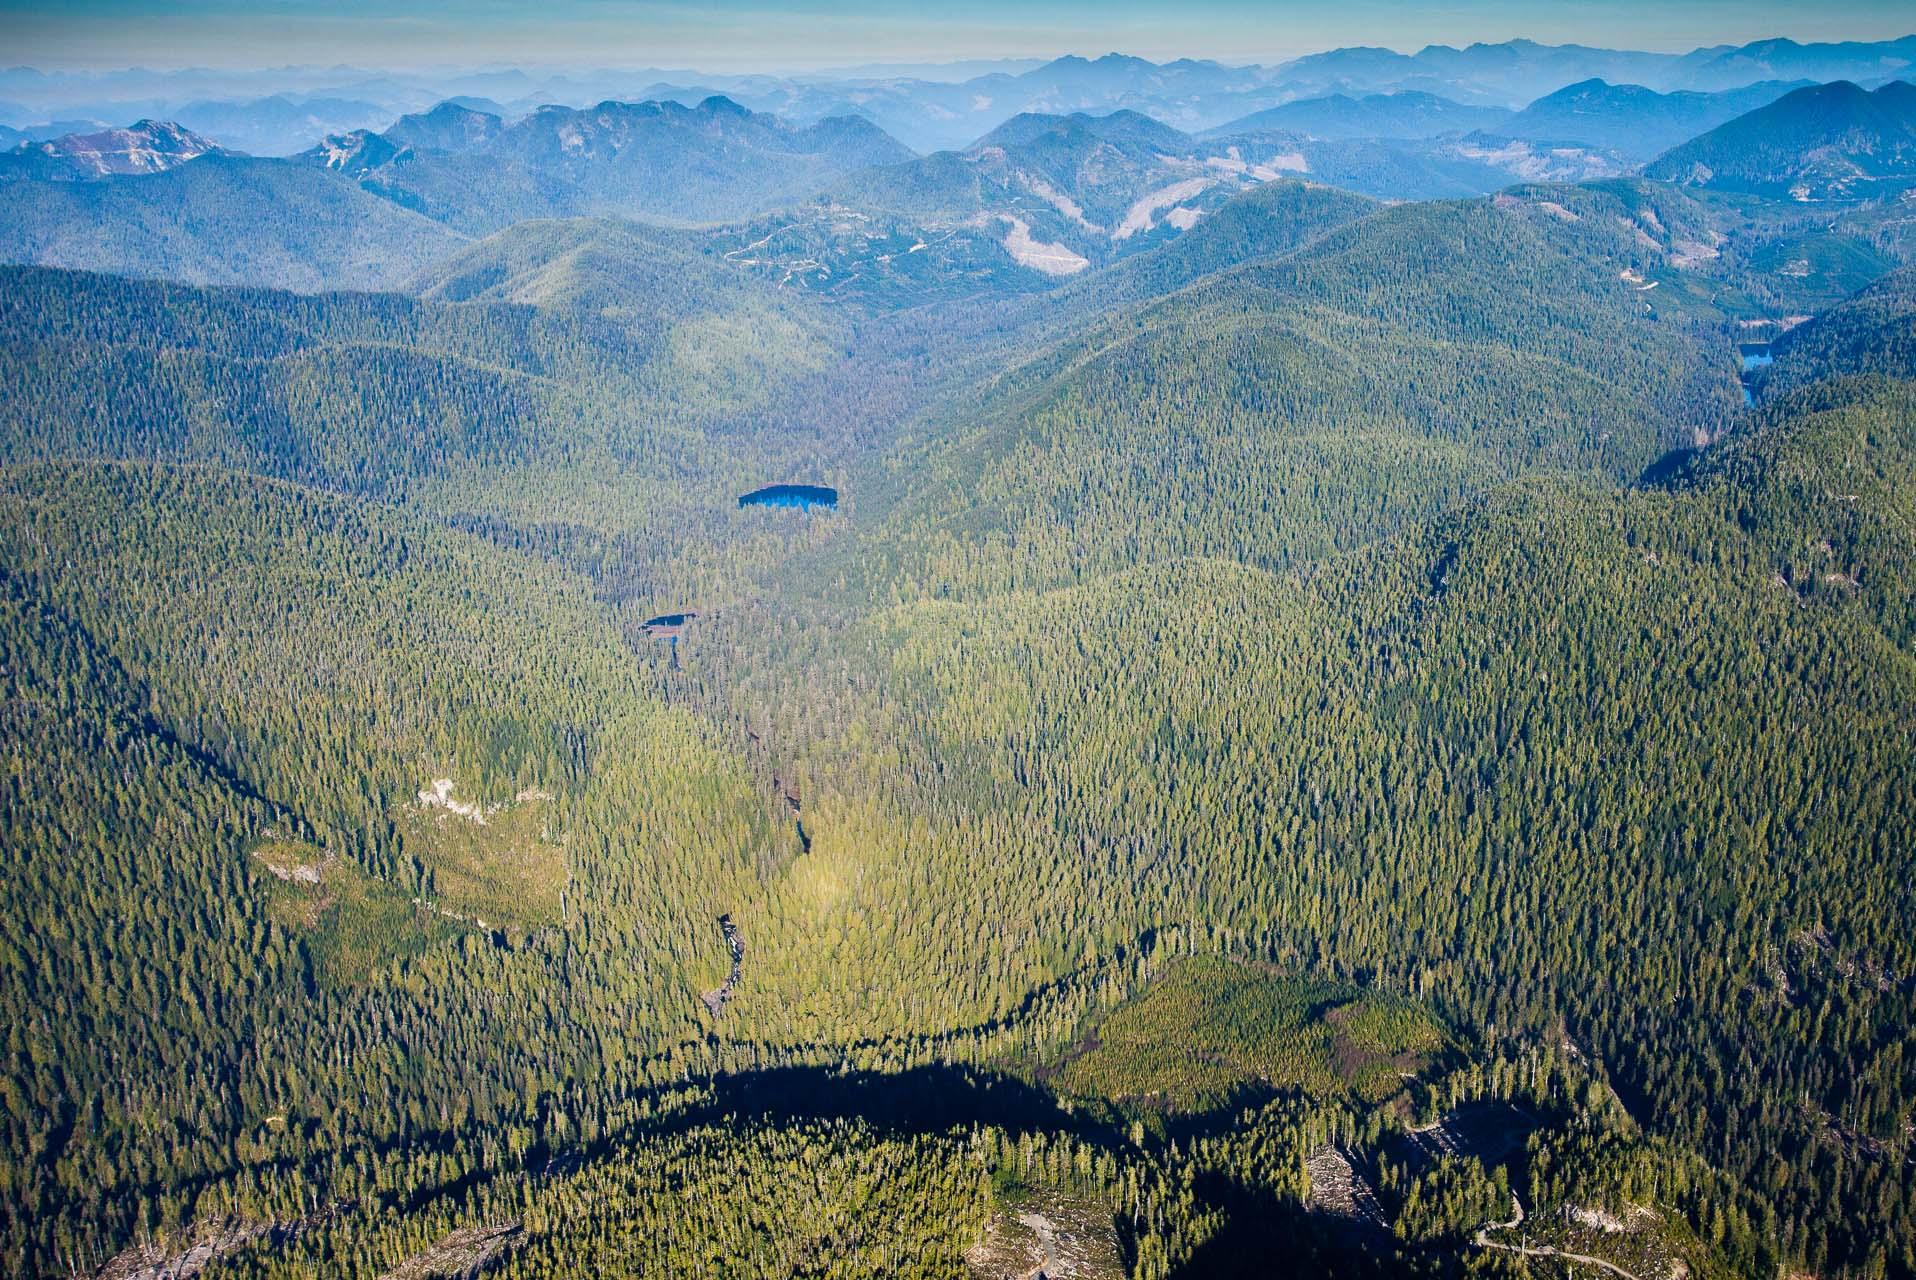 aerial-upper-walbran-valley-carmanah.jpg